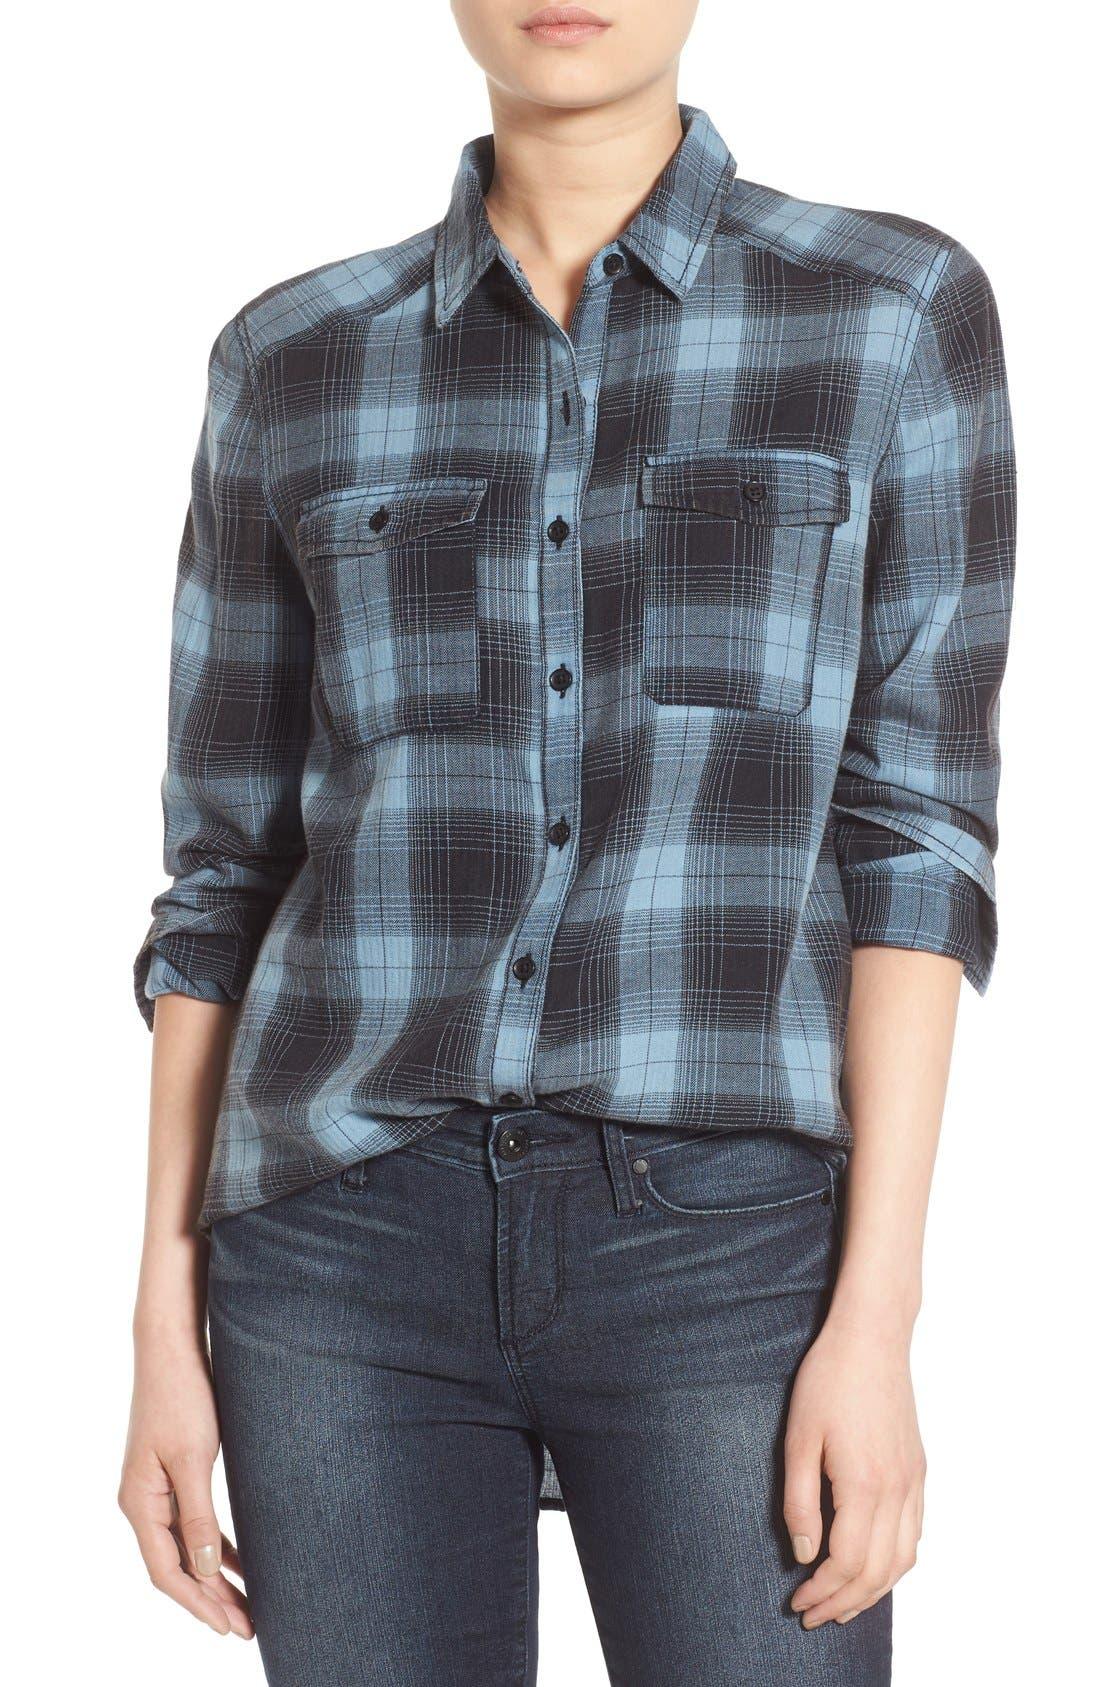 Alternate Image 1 Selected - BP. Plaid Shirt